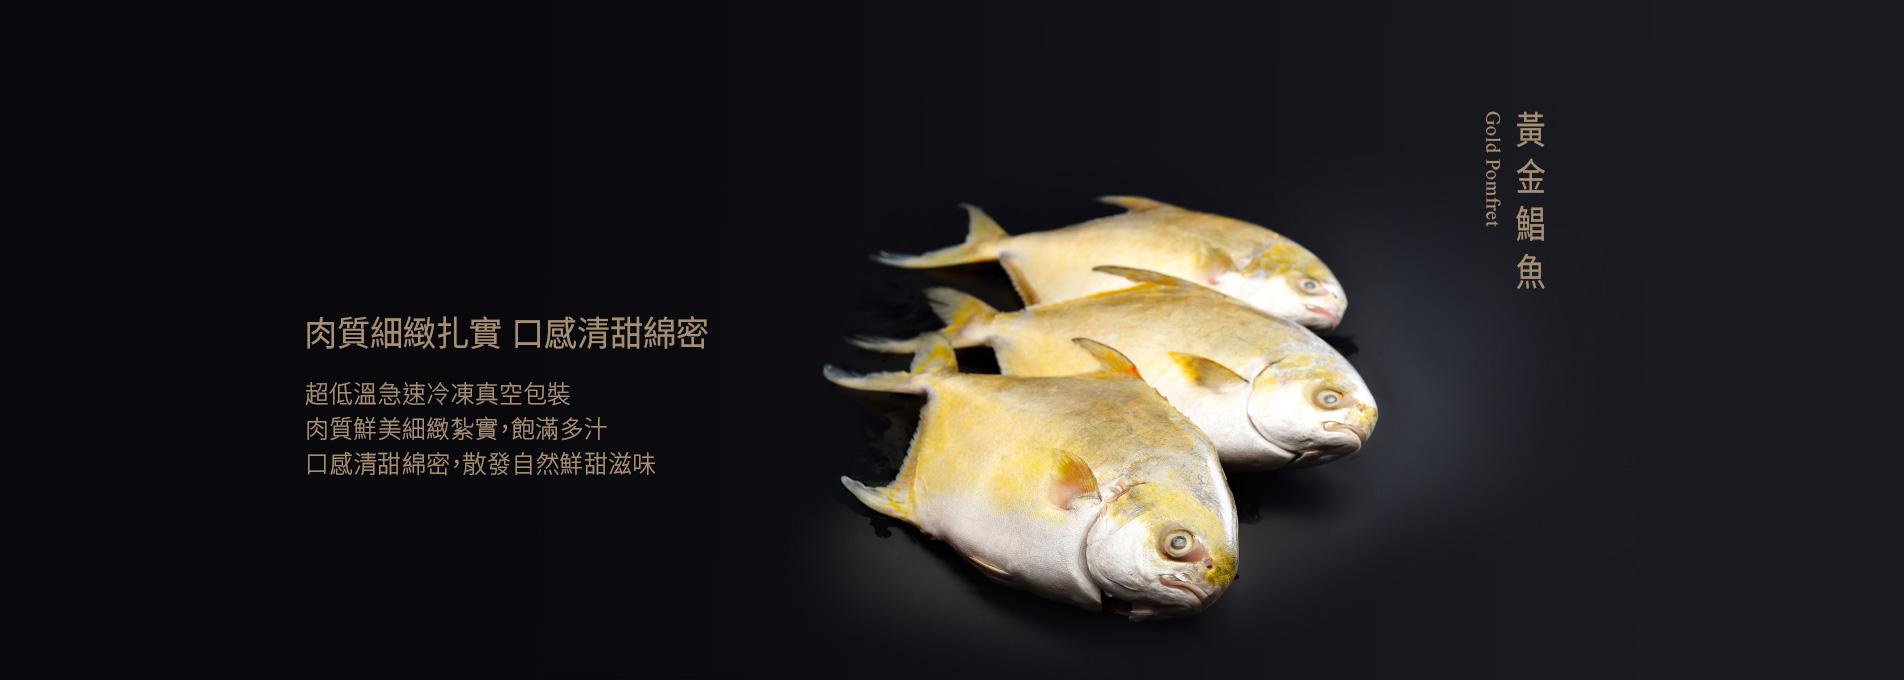 老協珍黃金鯧(特大)750g